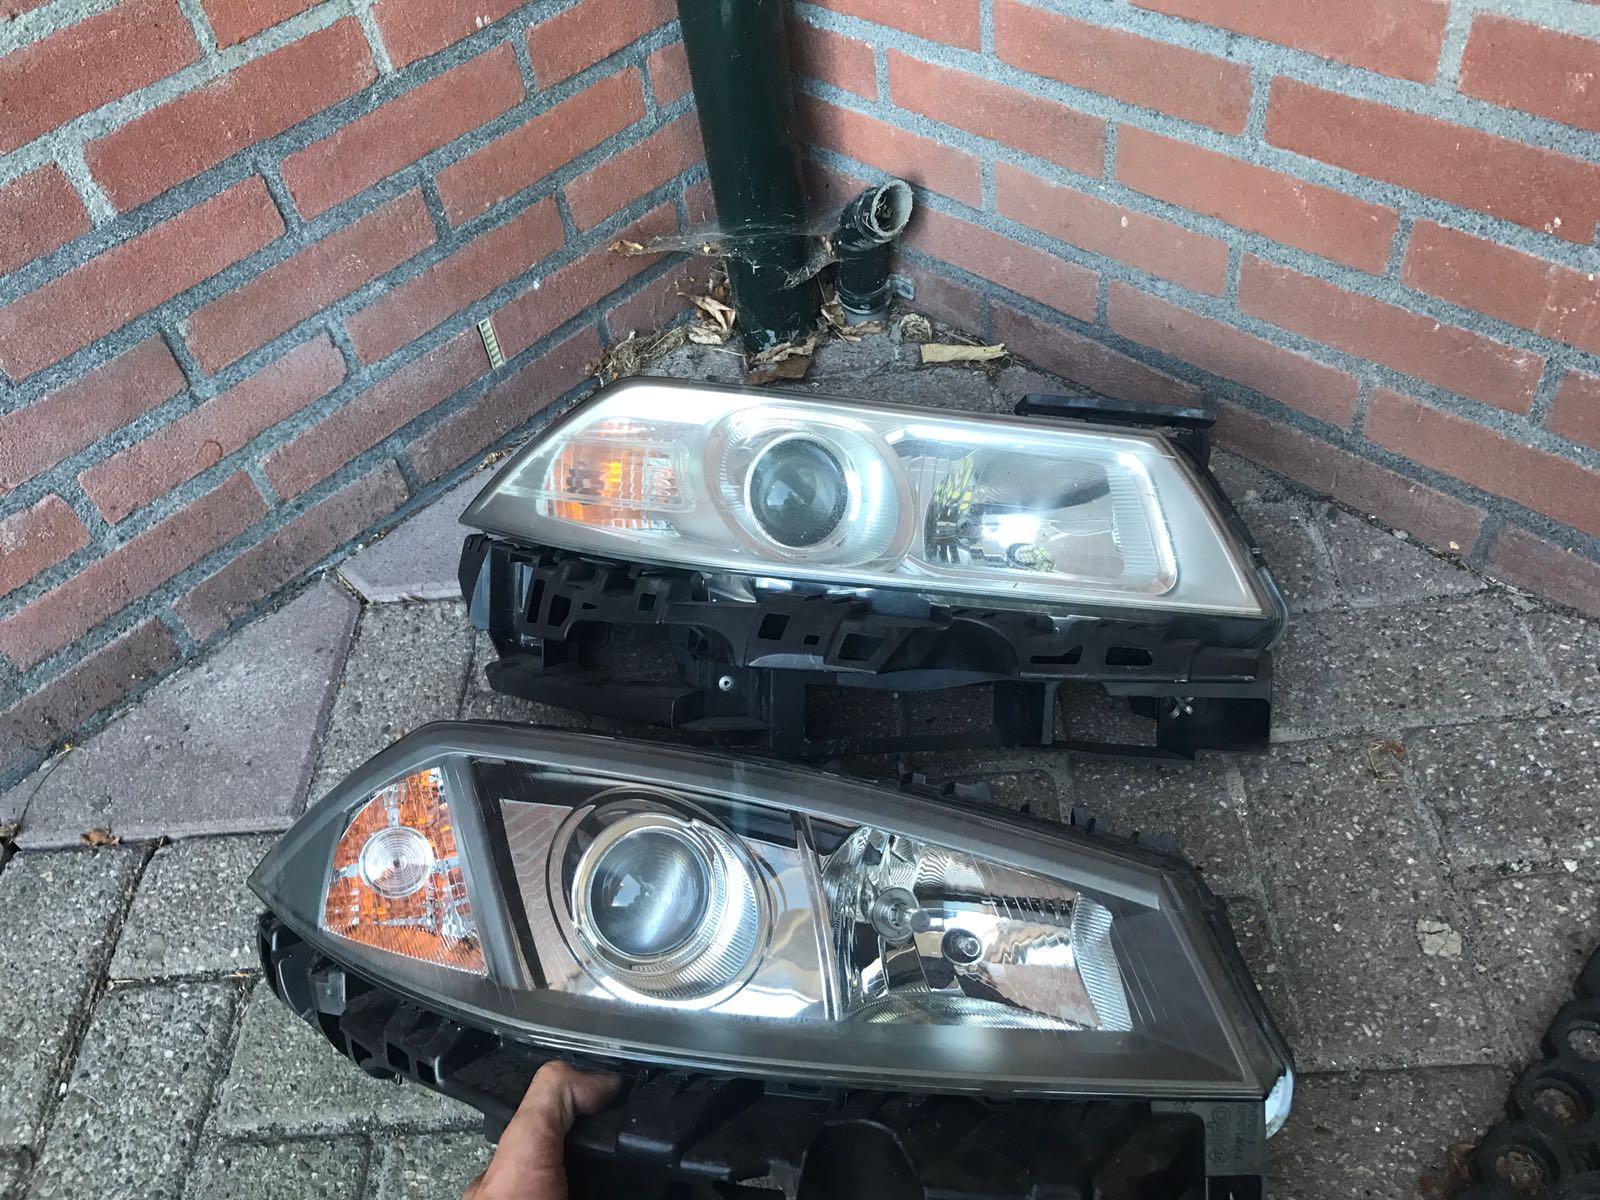 Verwonderend Koplamp vervangen Renault Megane 2006 - RENAULT forum UU-75